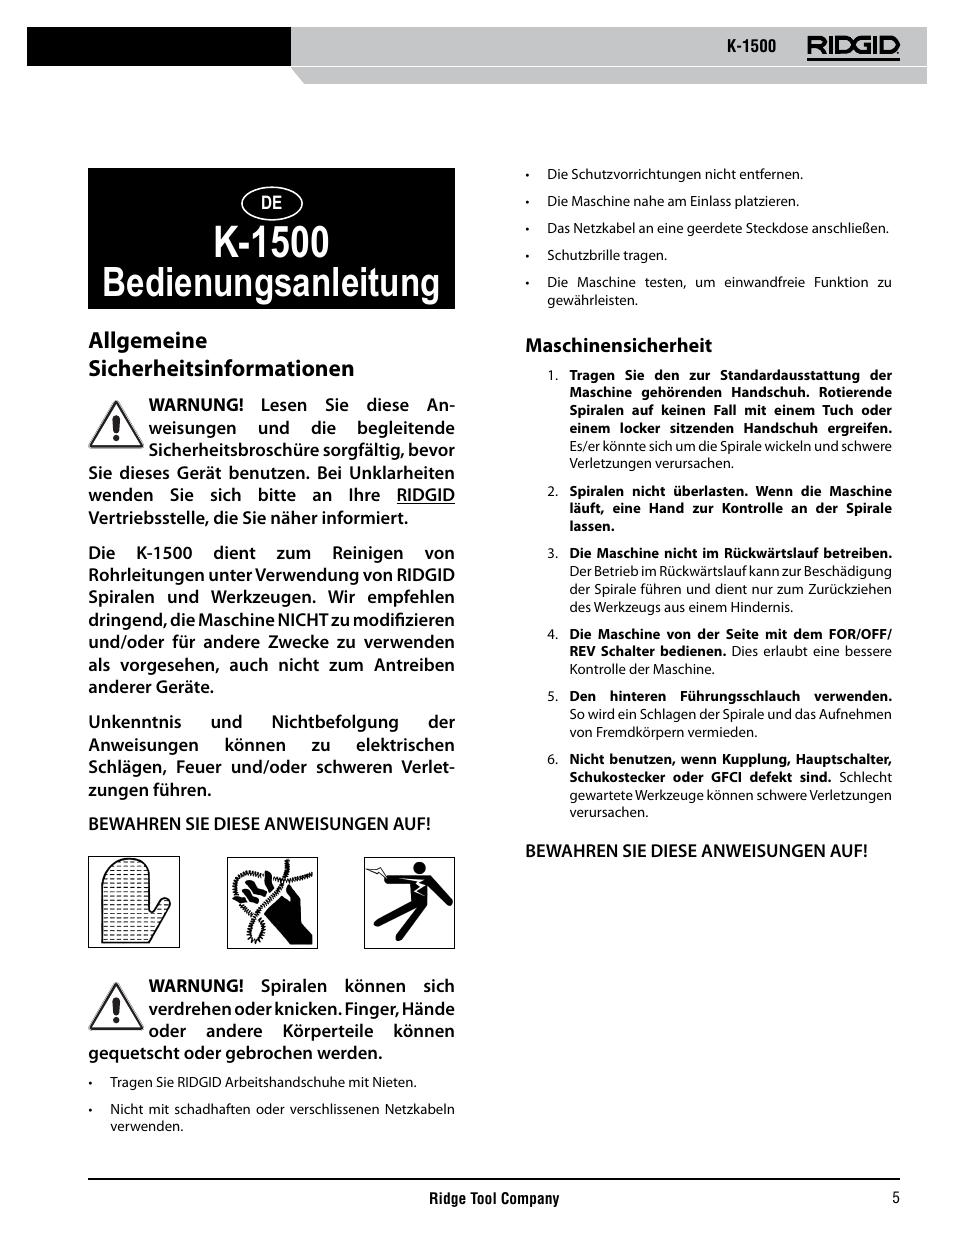 Ausgezeichnet Anweisungen Zur Installation Eines Autoalarms Ideen ...